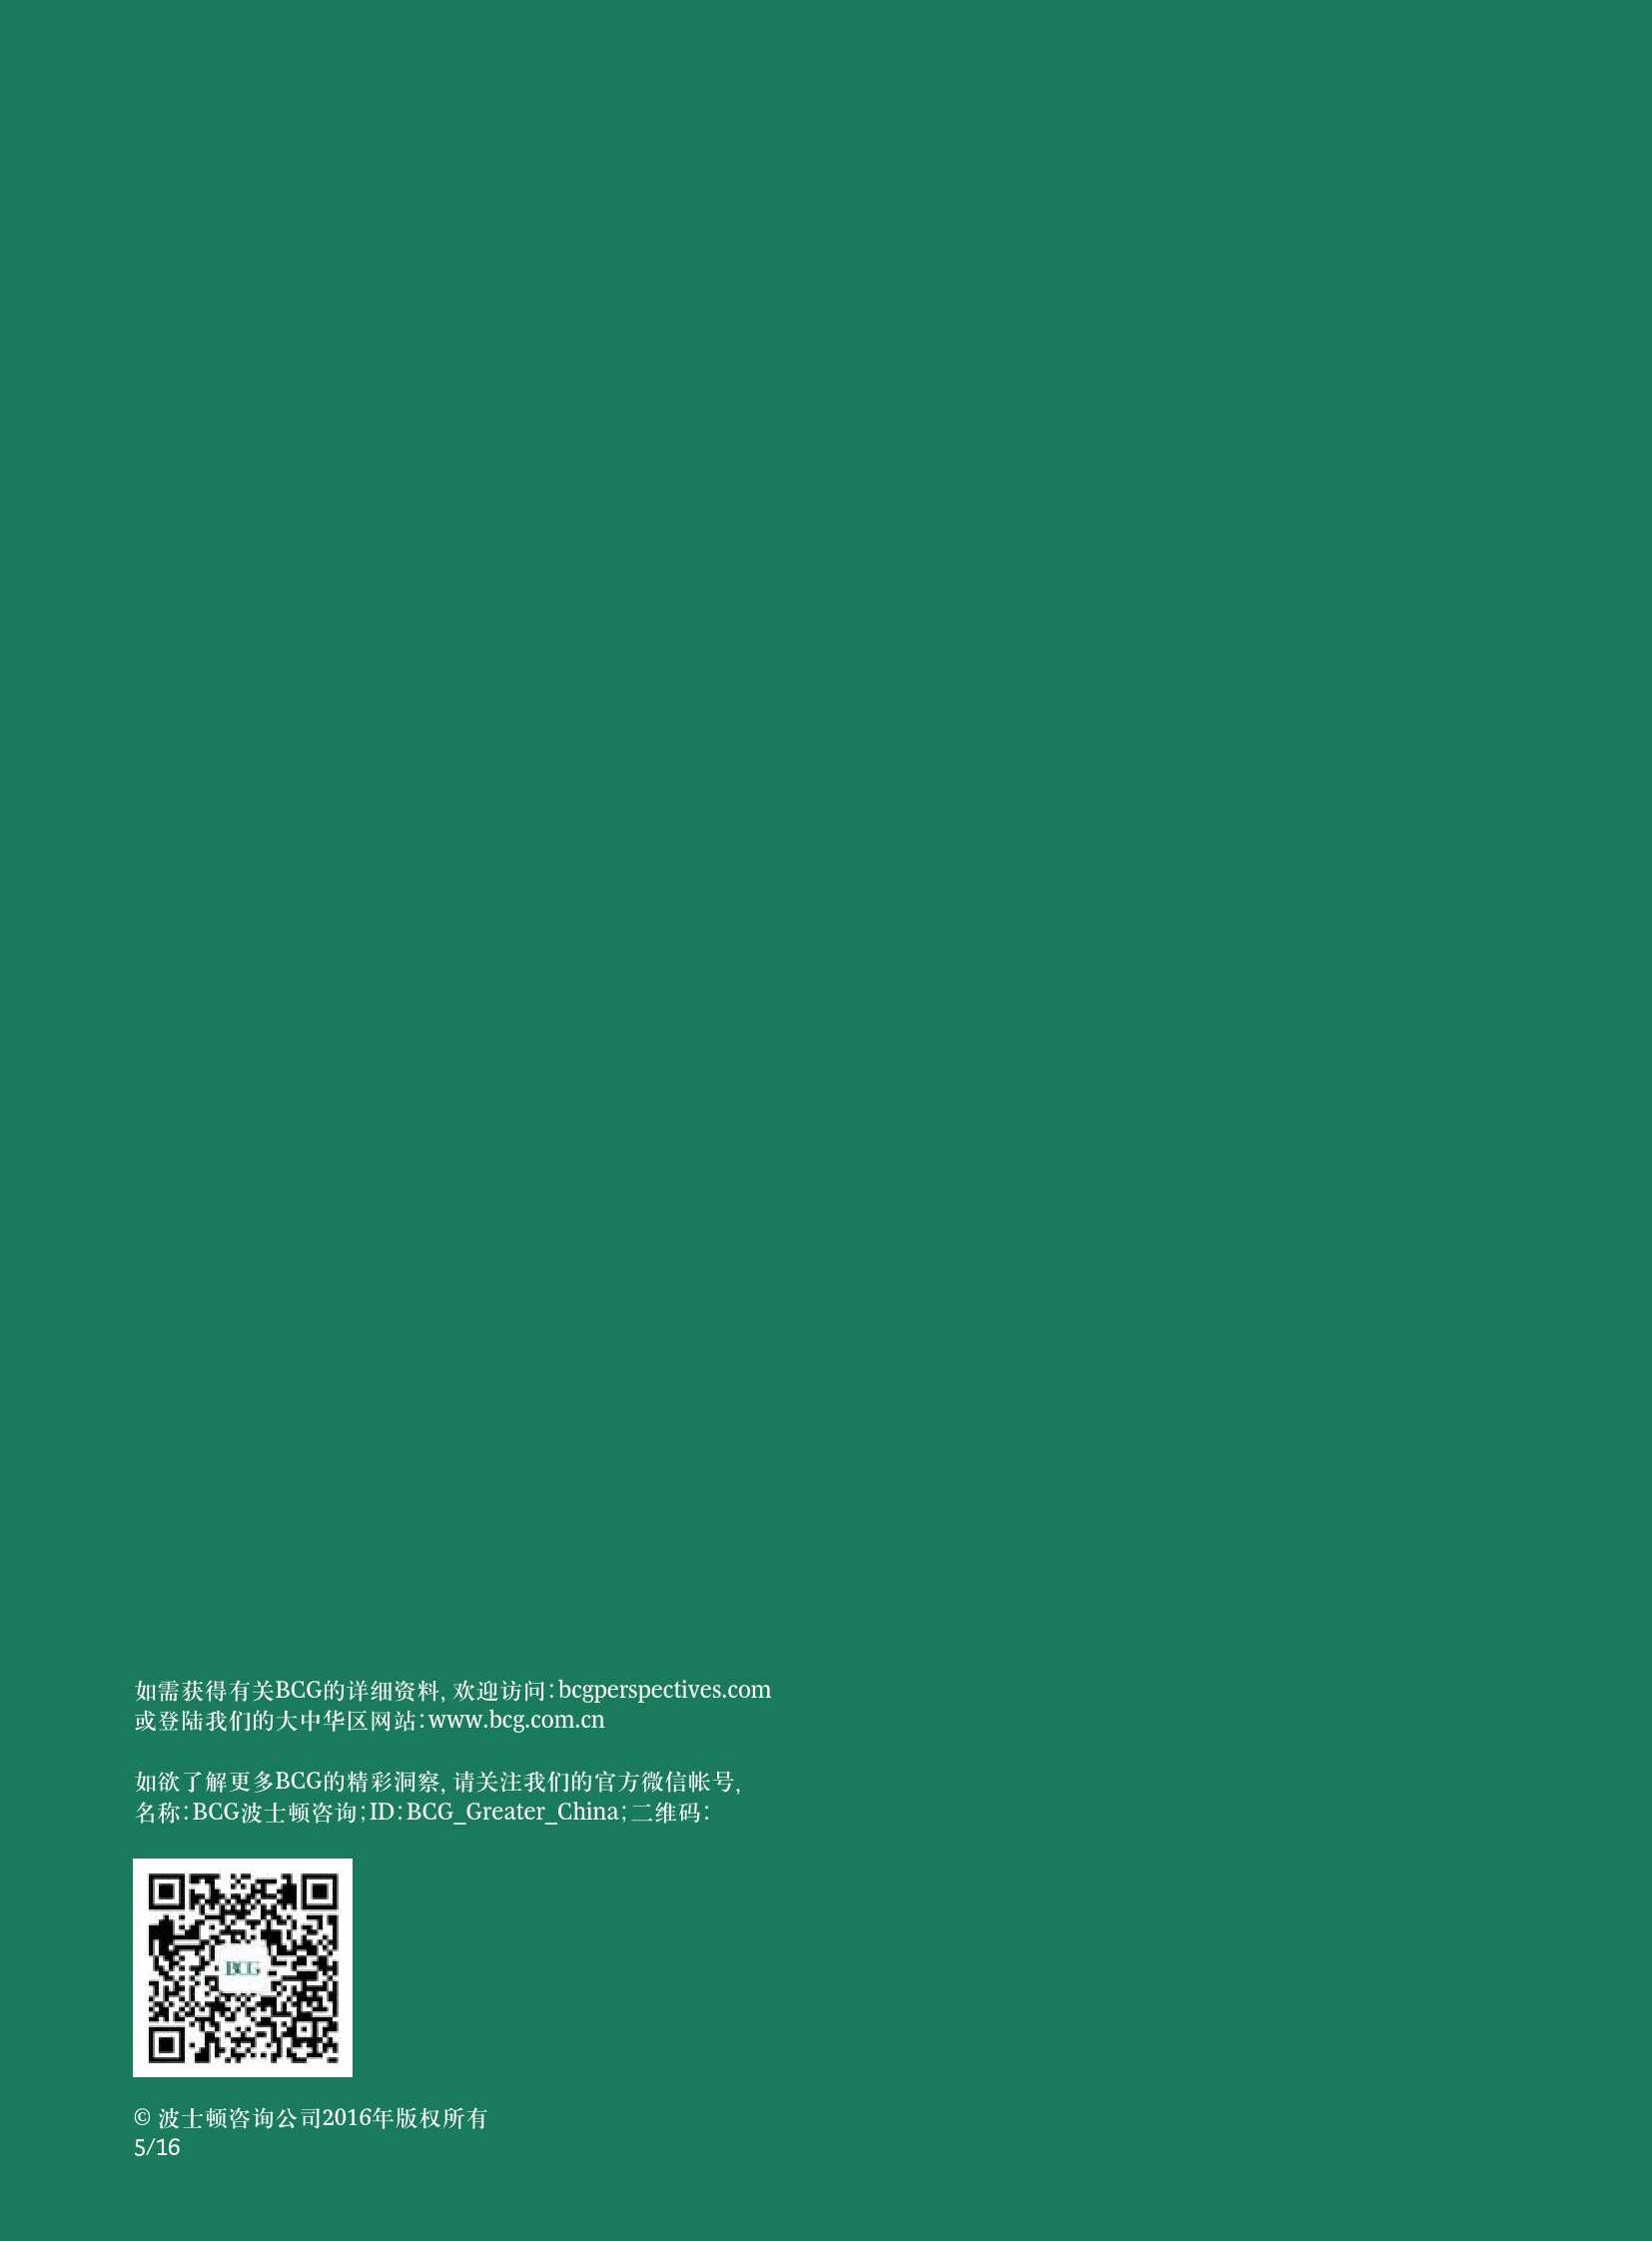 工业4.0:未来生产力与制造业发展前景_000017